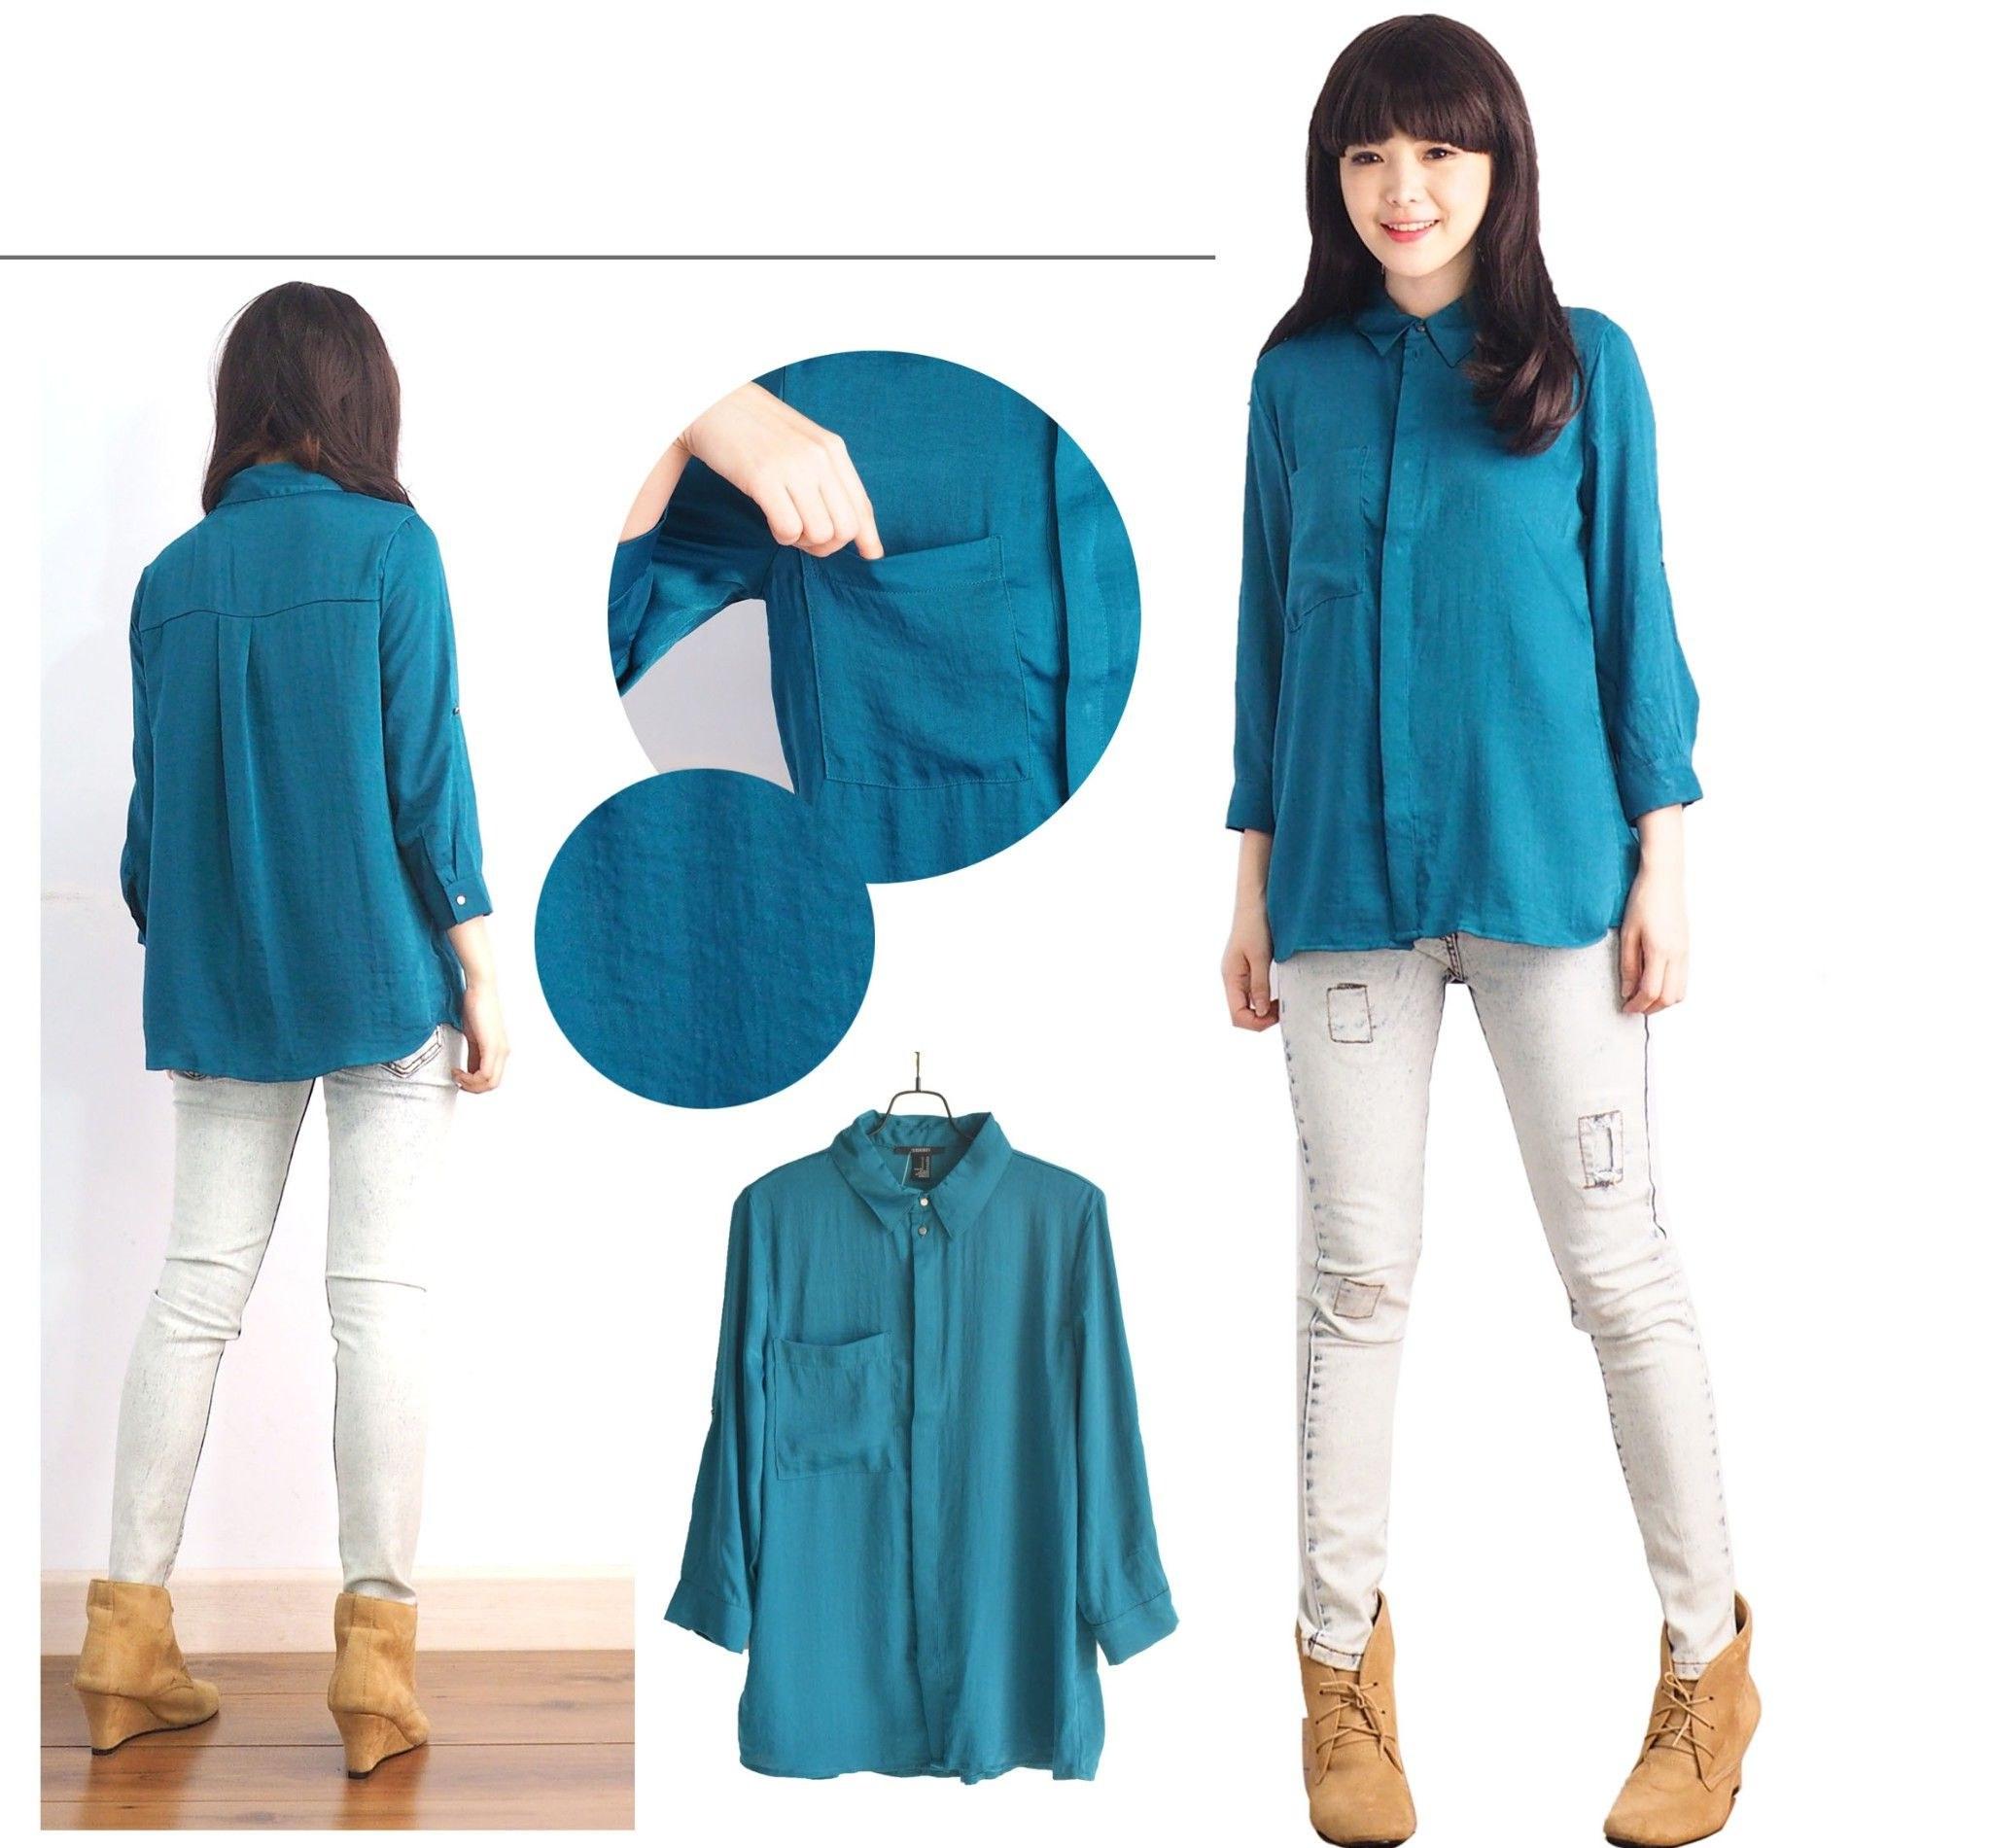 Ide Model Baju Lebaran atasan E9dx Blouse Muslim Model Pakaian Wanita Terbaru Pakaian Bayi